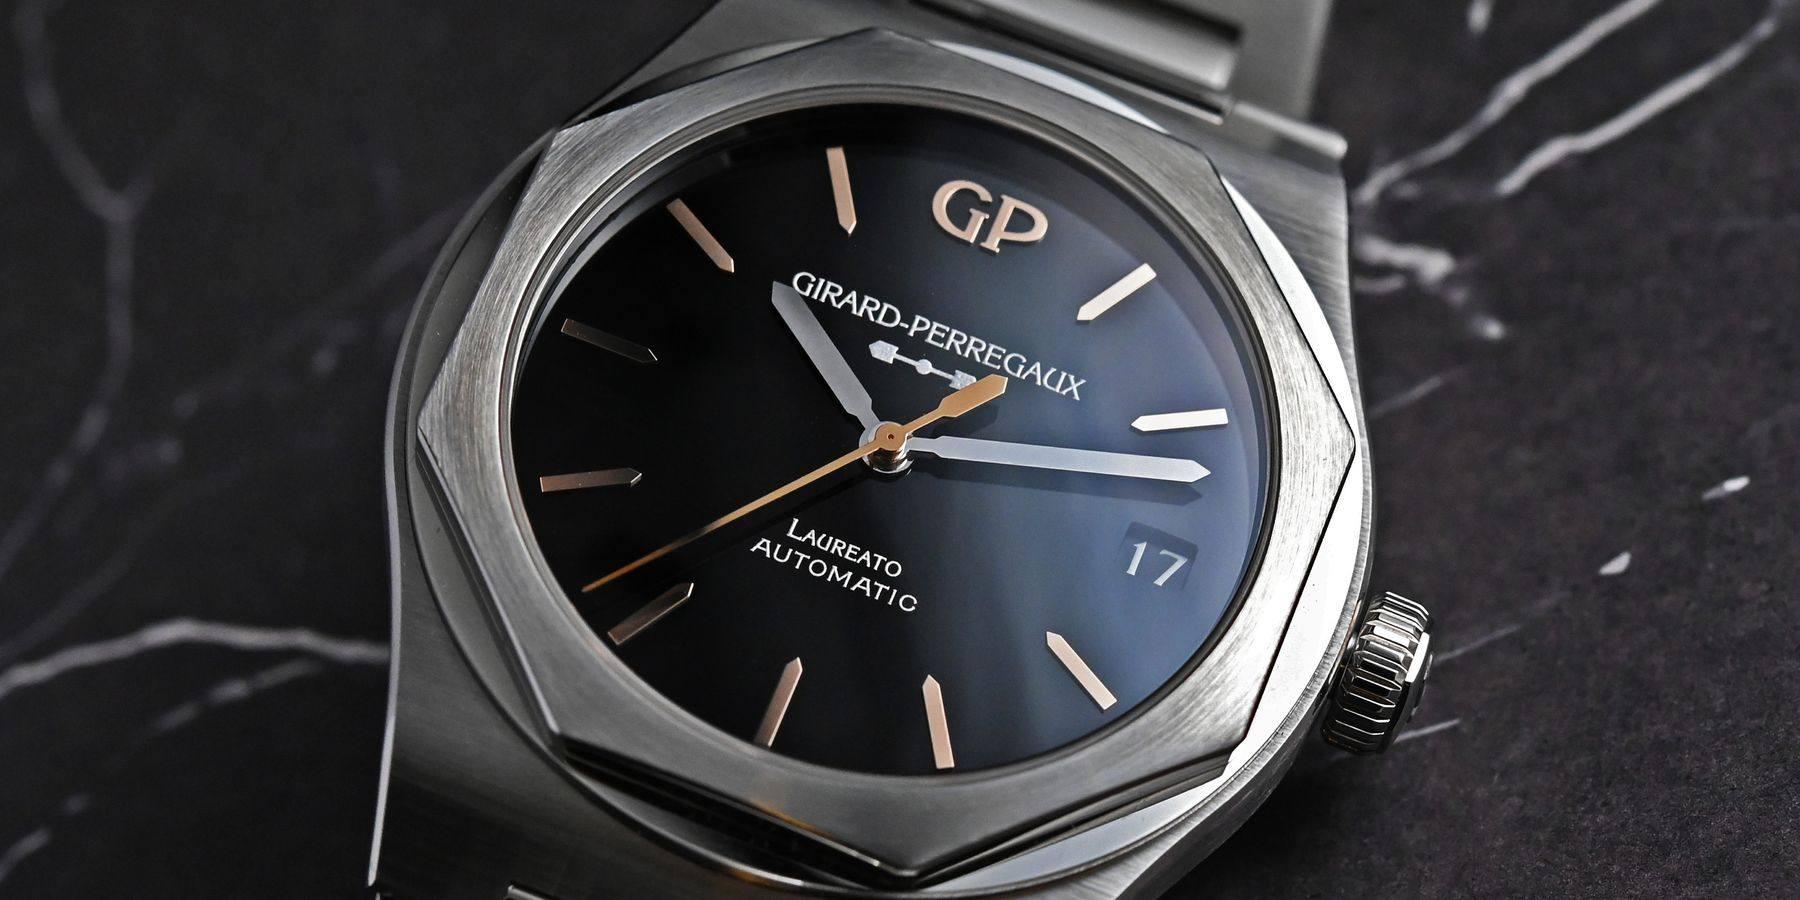 有一種黑,叫GP:芝柏全新Infinity系列腕錶